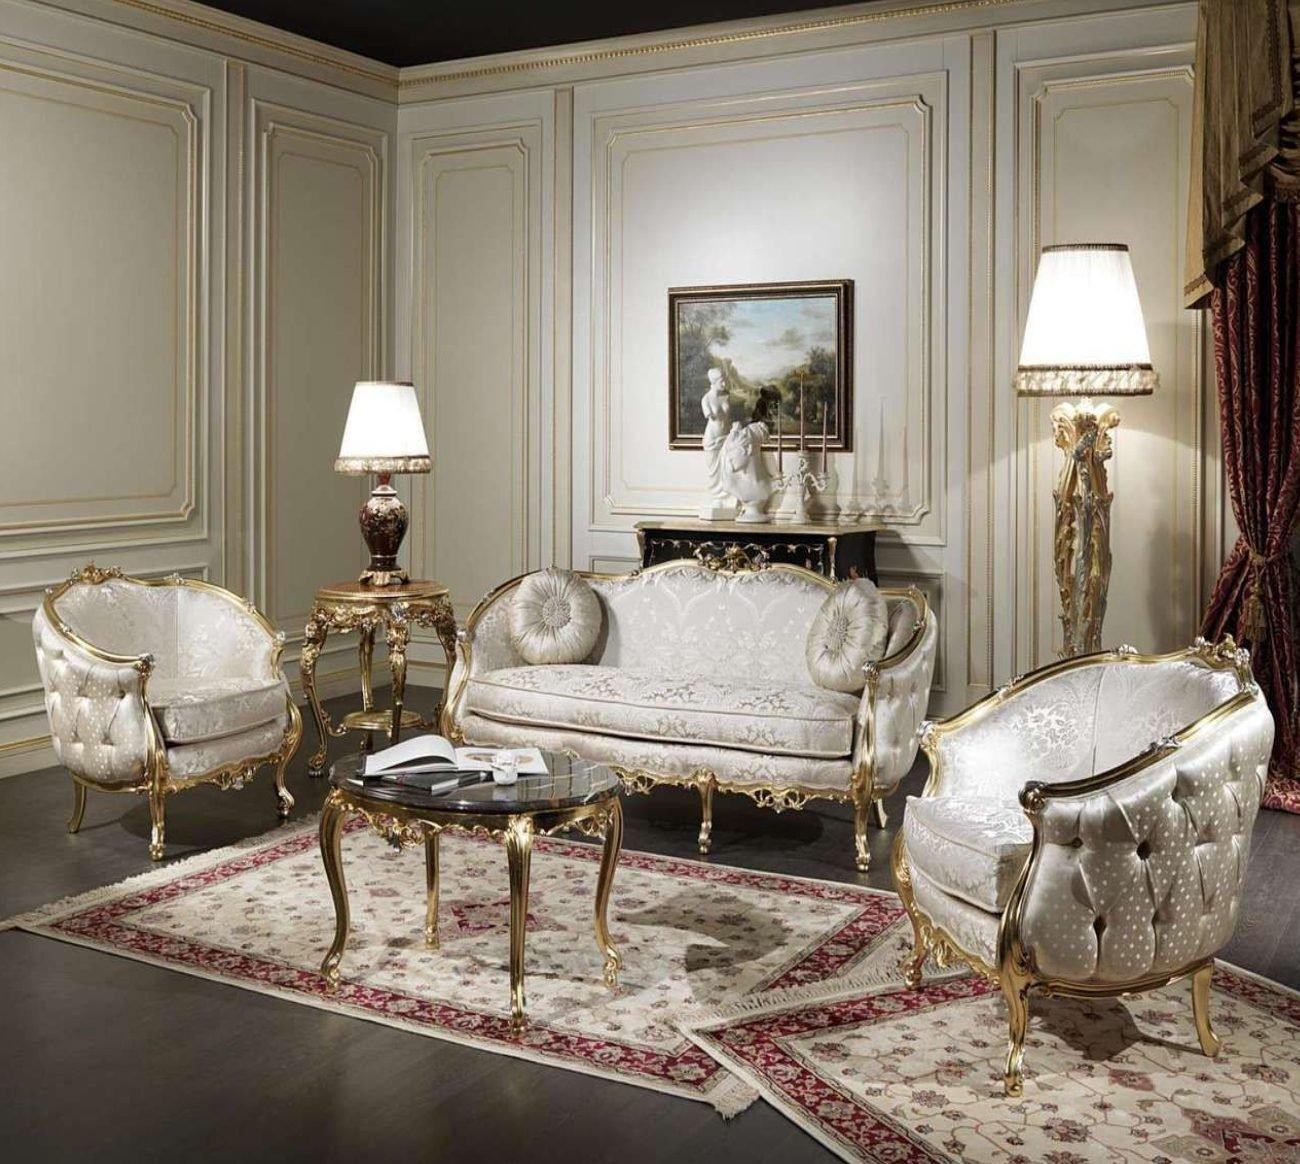 Best Furniture Stores in Hyderabad - Benoit Furniture